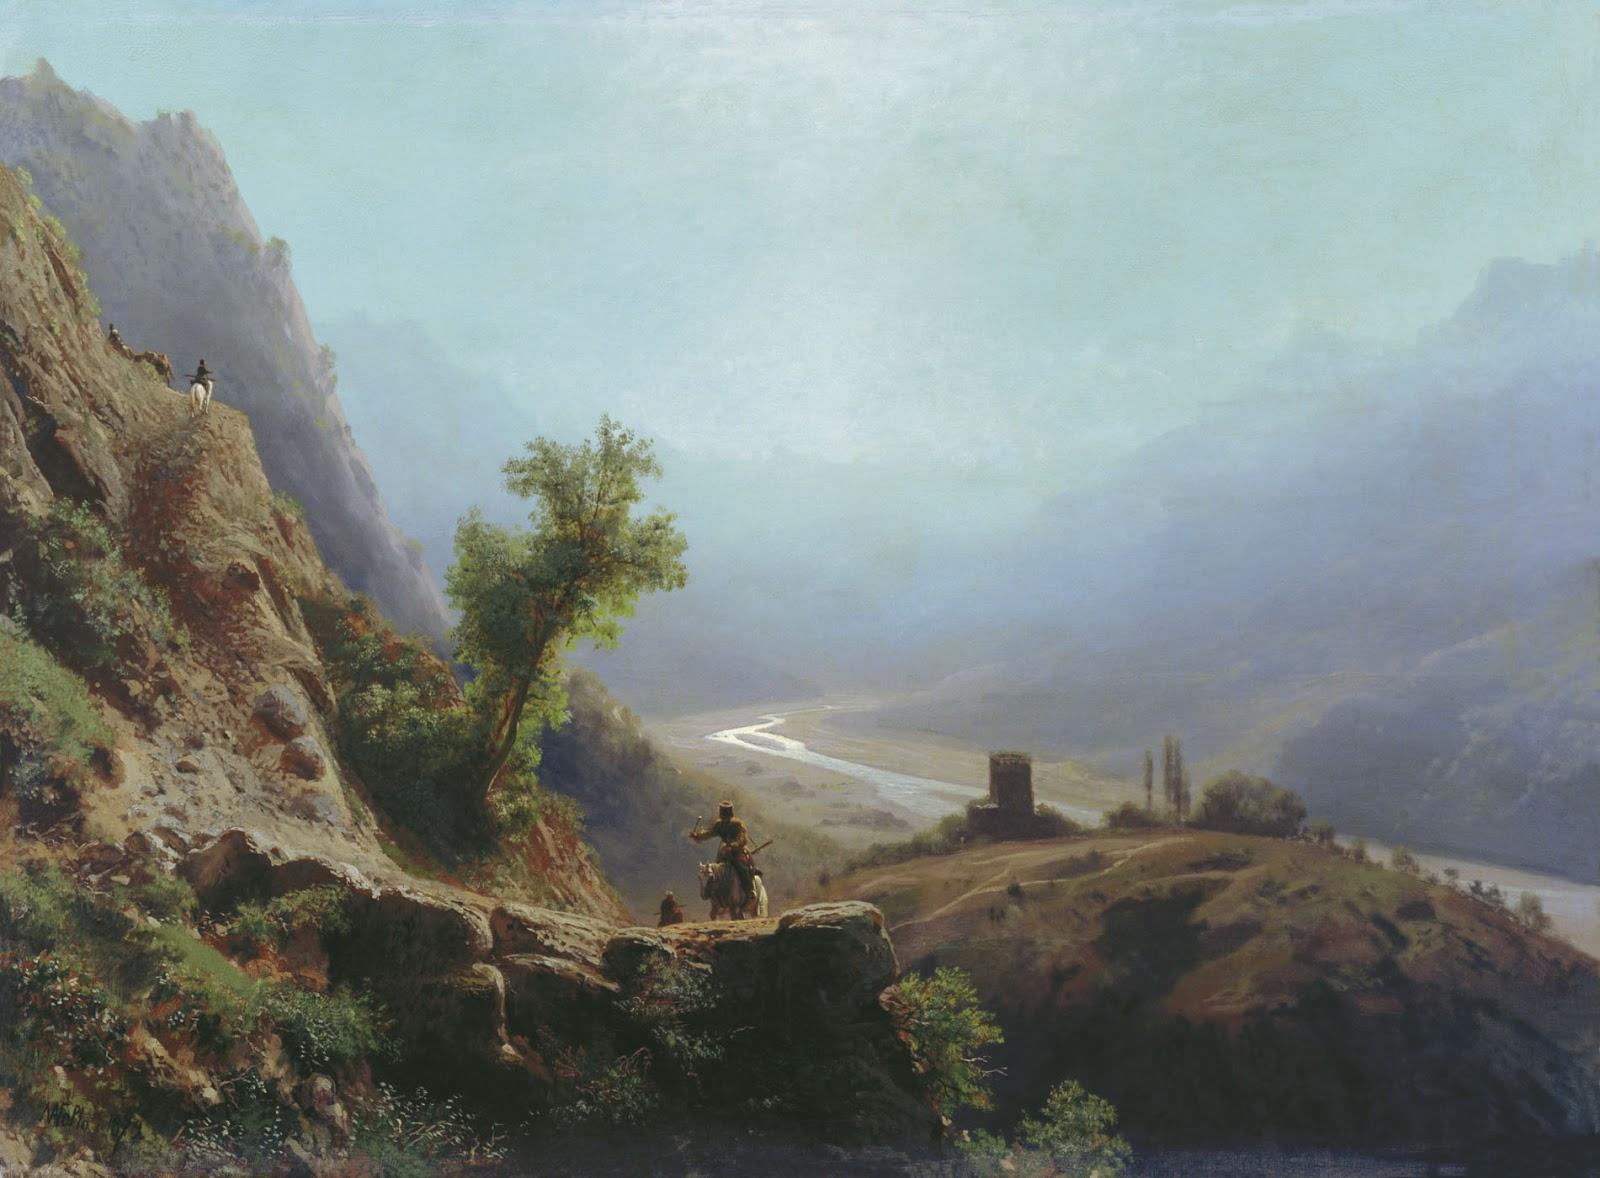 Lev Lagorio - In the Caucasus Mountains